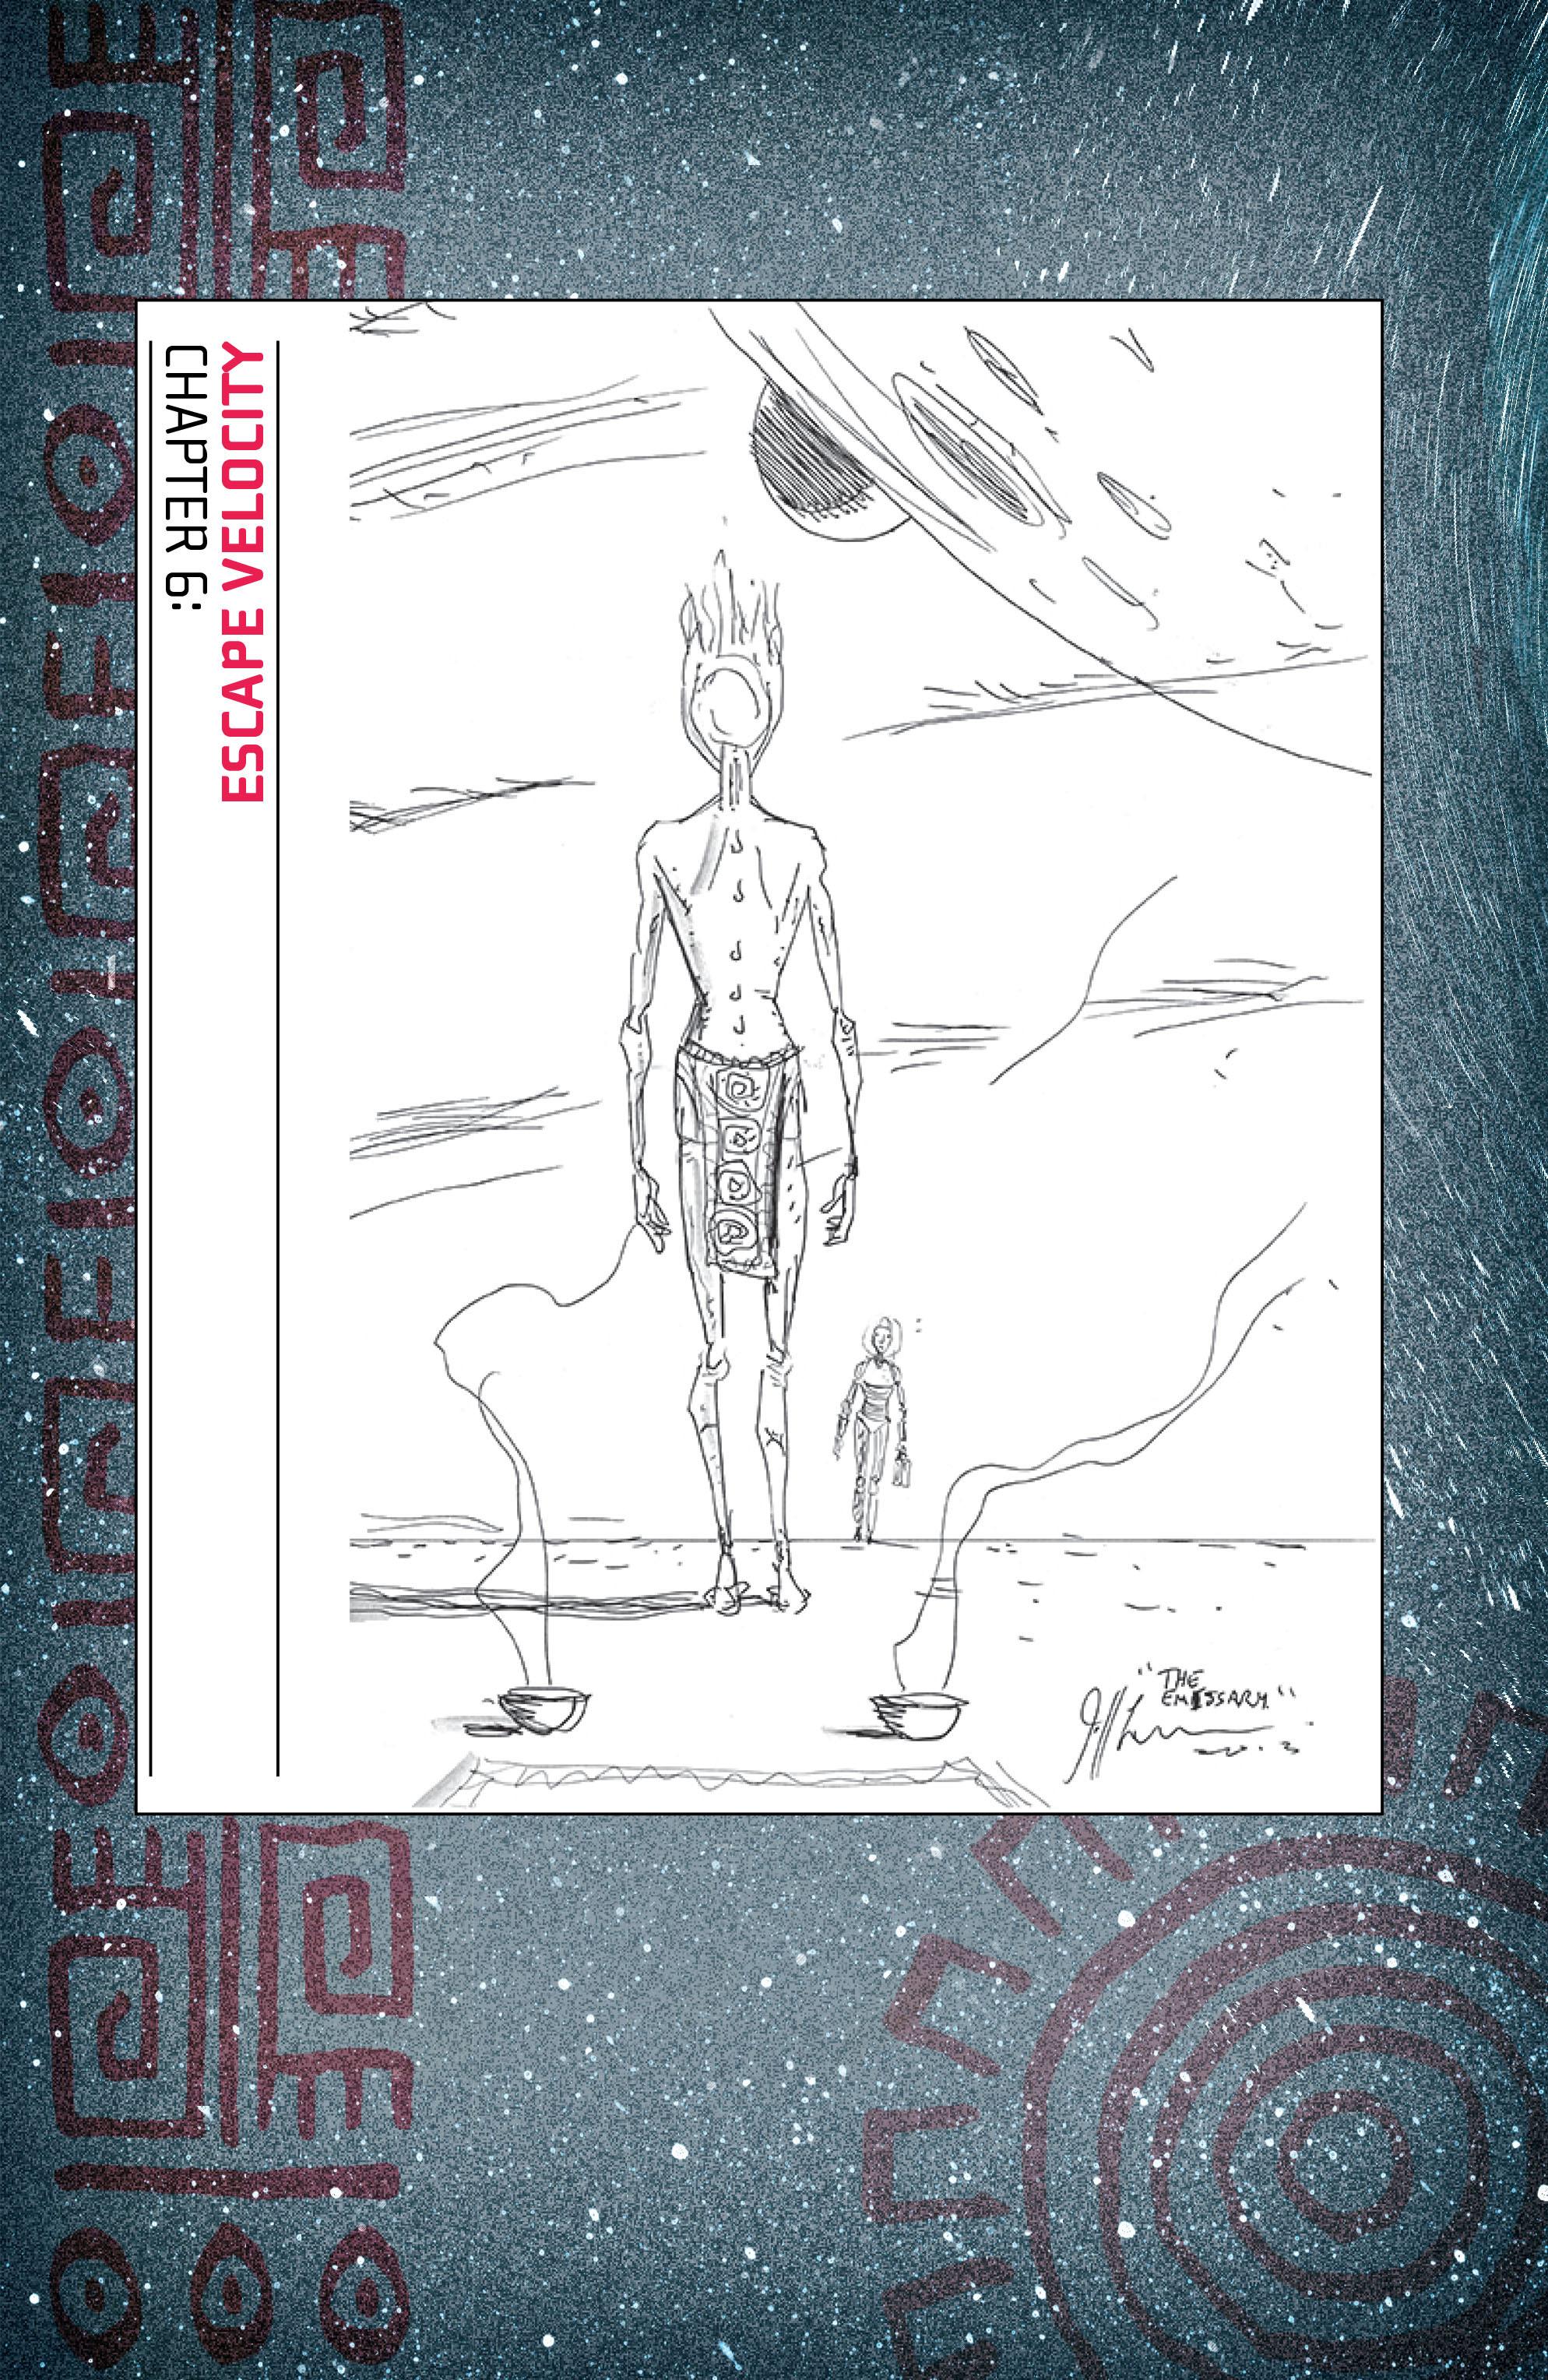 Read online Trillium comic -  Issue # TPB - 139